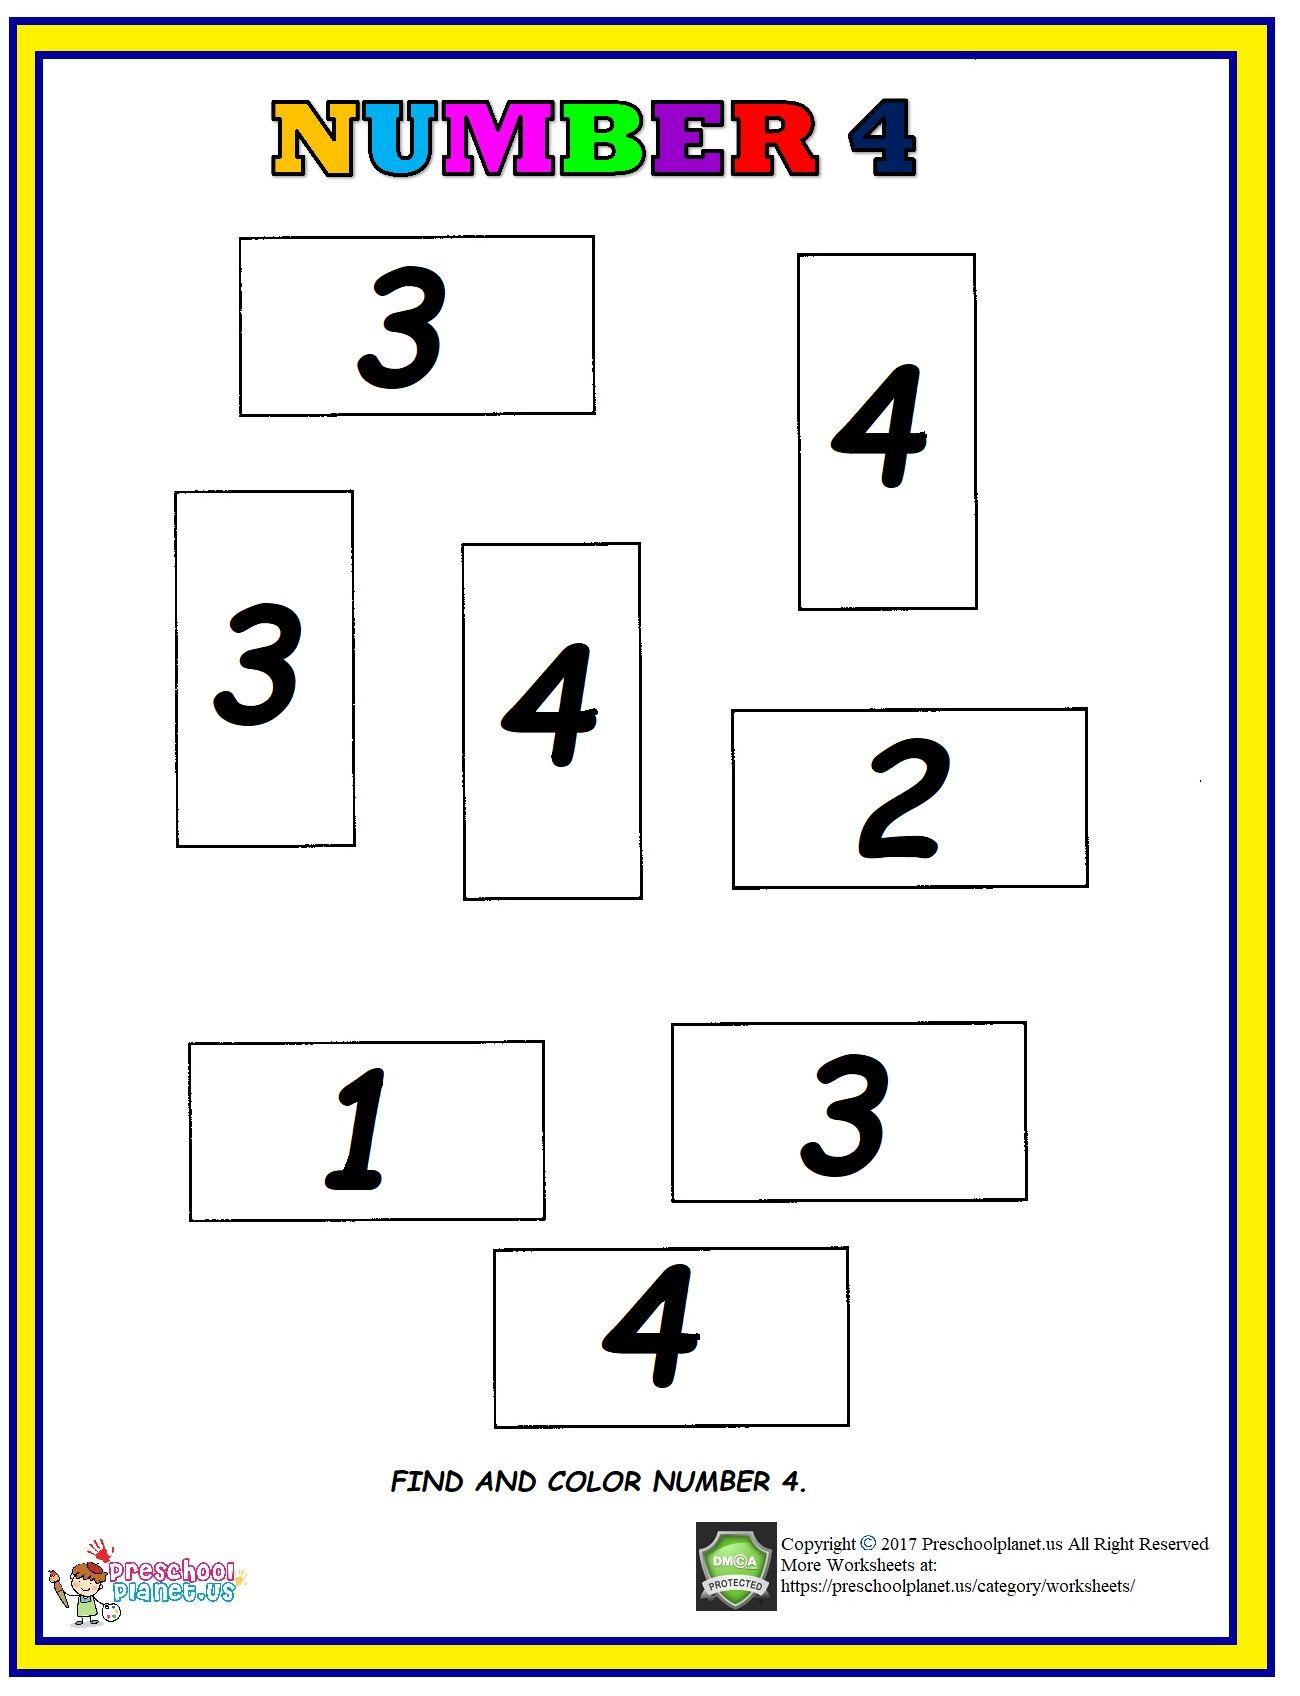 Number 4 Find And Color Worksheet Preschool Pattern Worksheets Alphabet Worksheets Preschool Color Worksheets